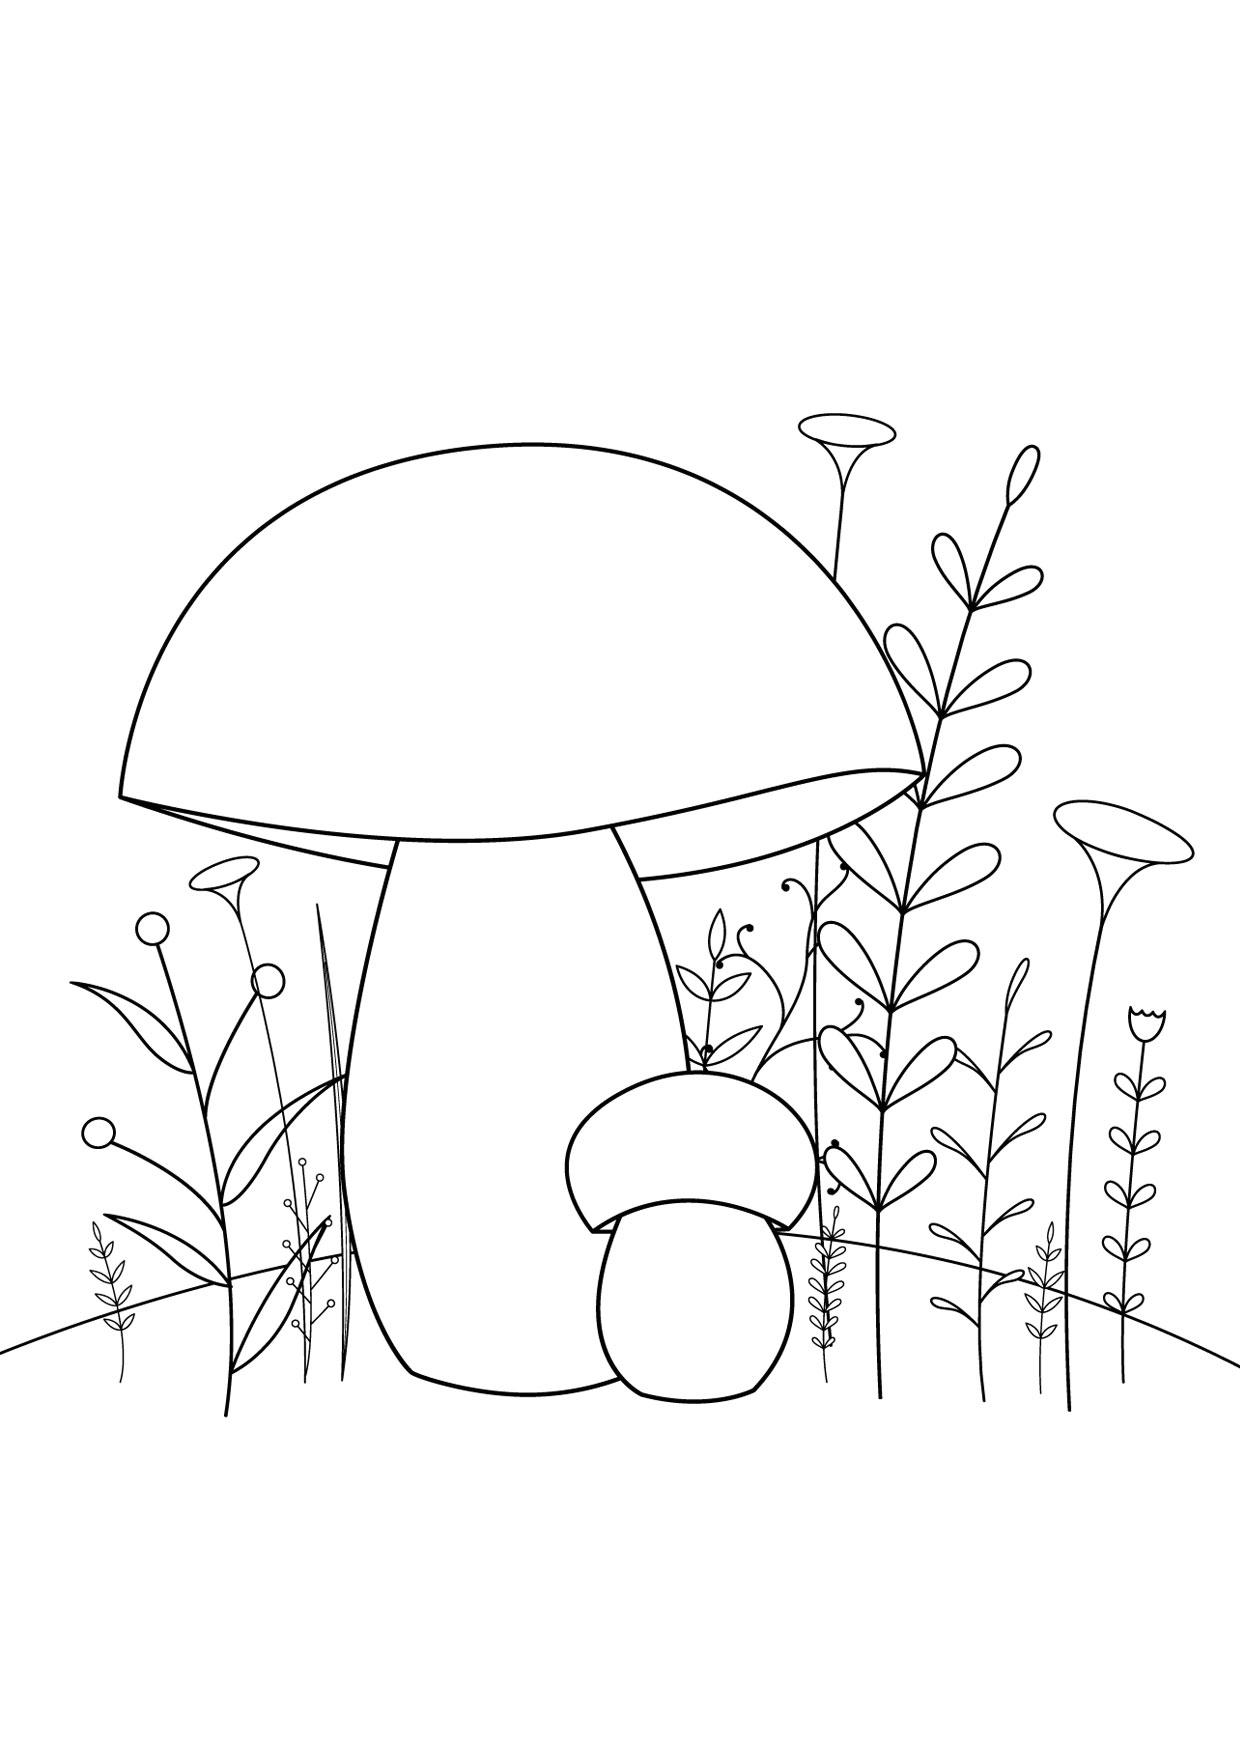 Disegno di funghi da colorare 08